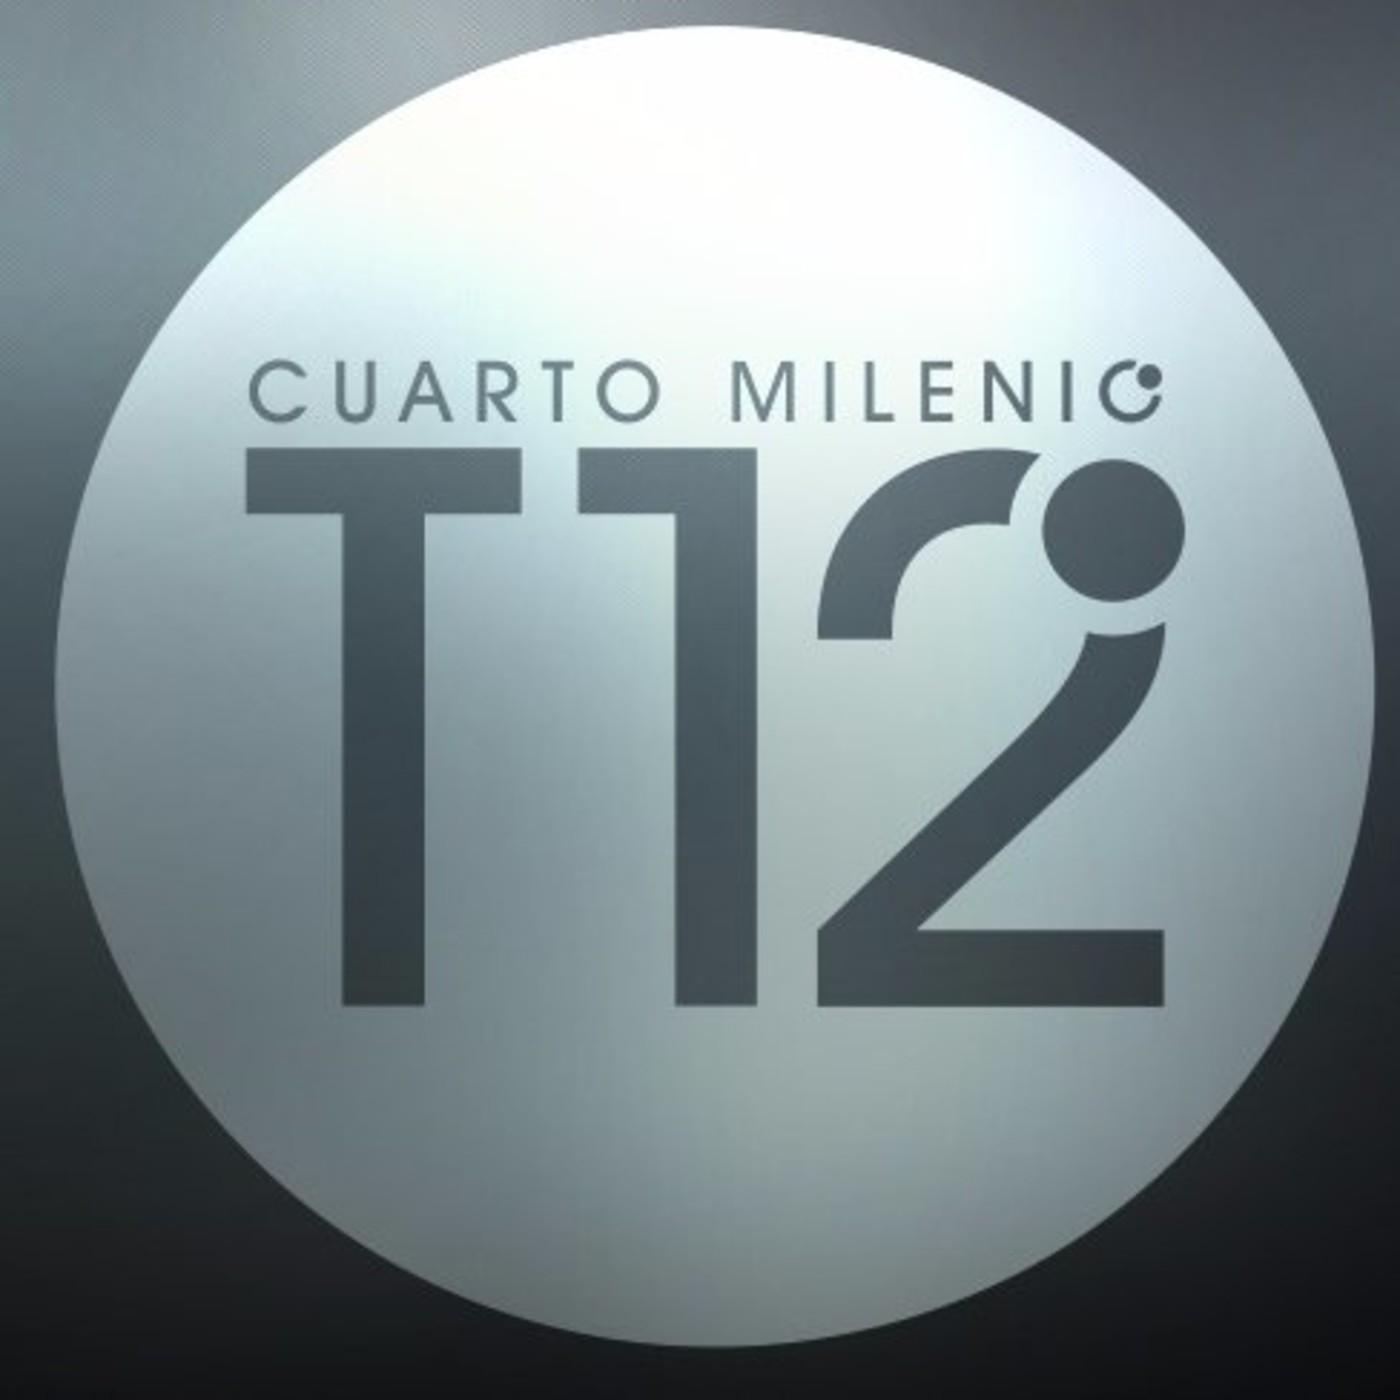 Cuarto milenio (11/9/2016) 12x02: Próxima b · El tesoro ...